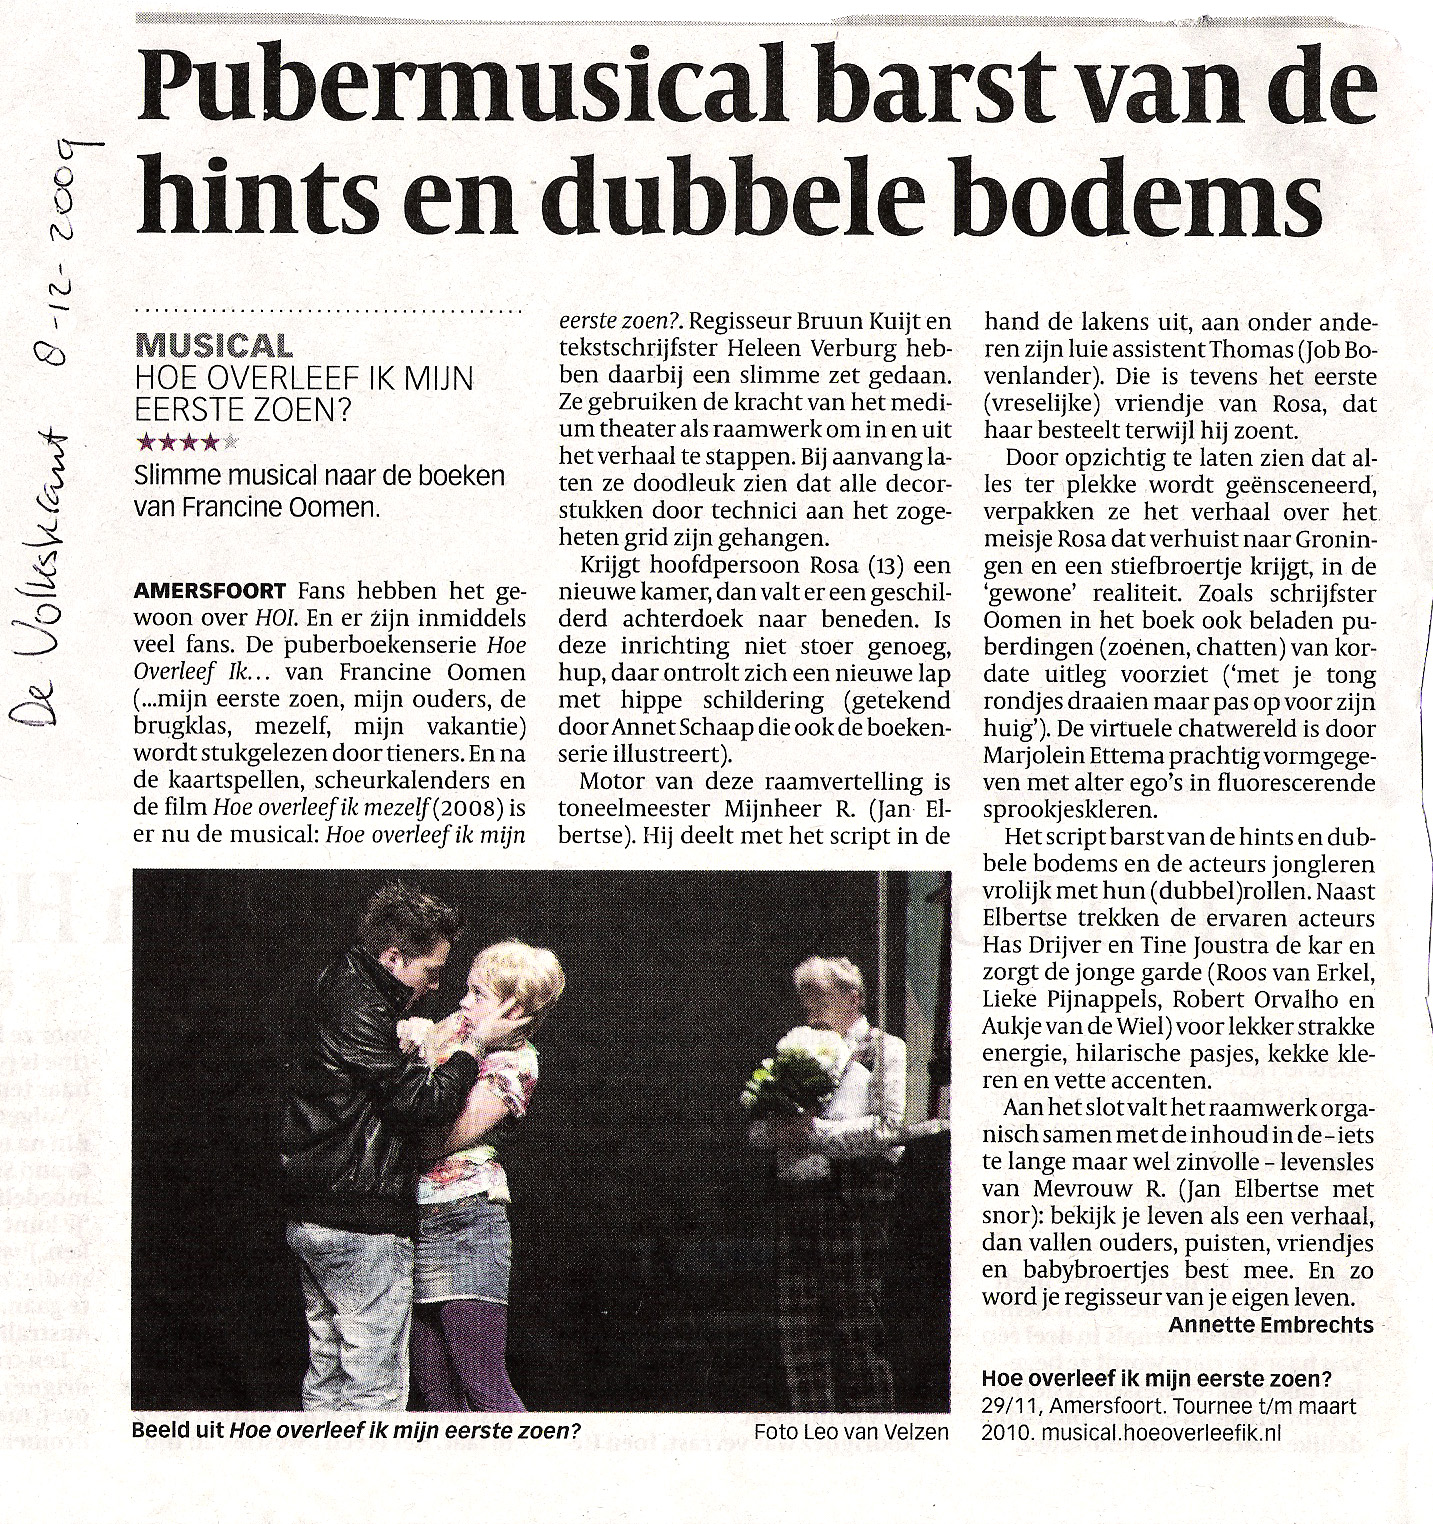 Volkskrant 8 december 2010